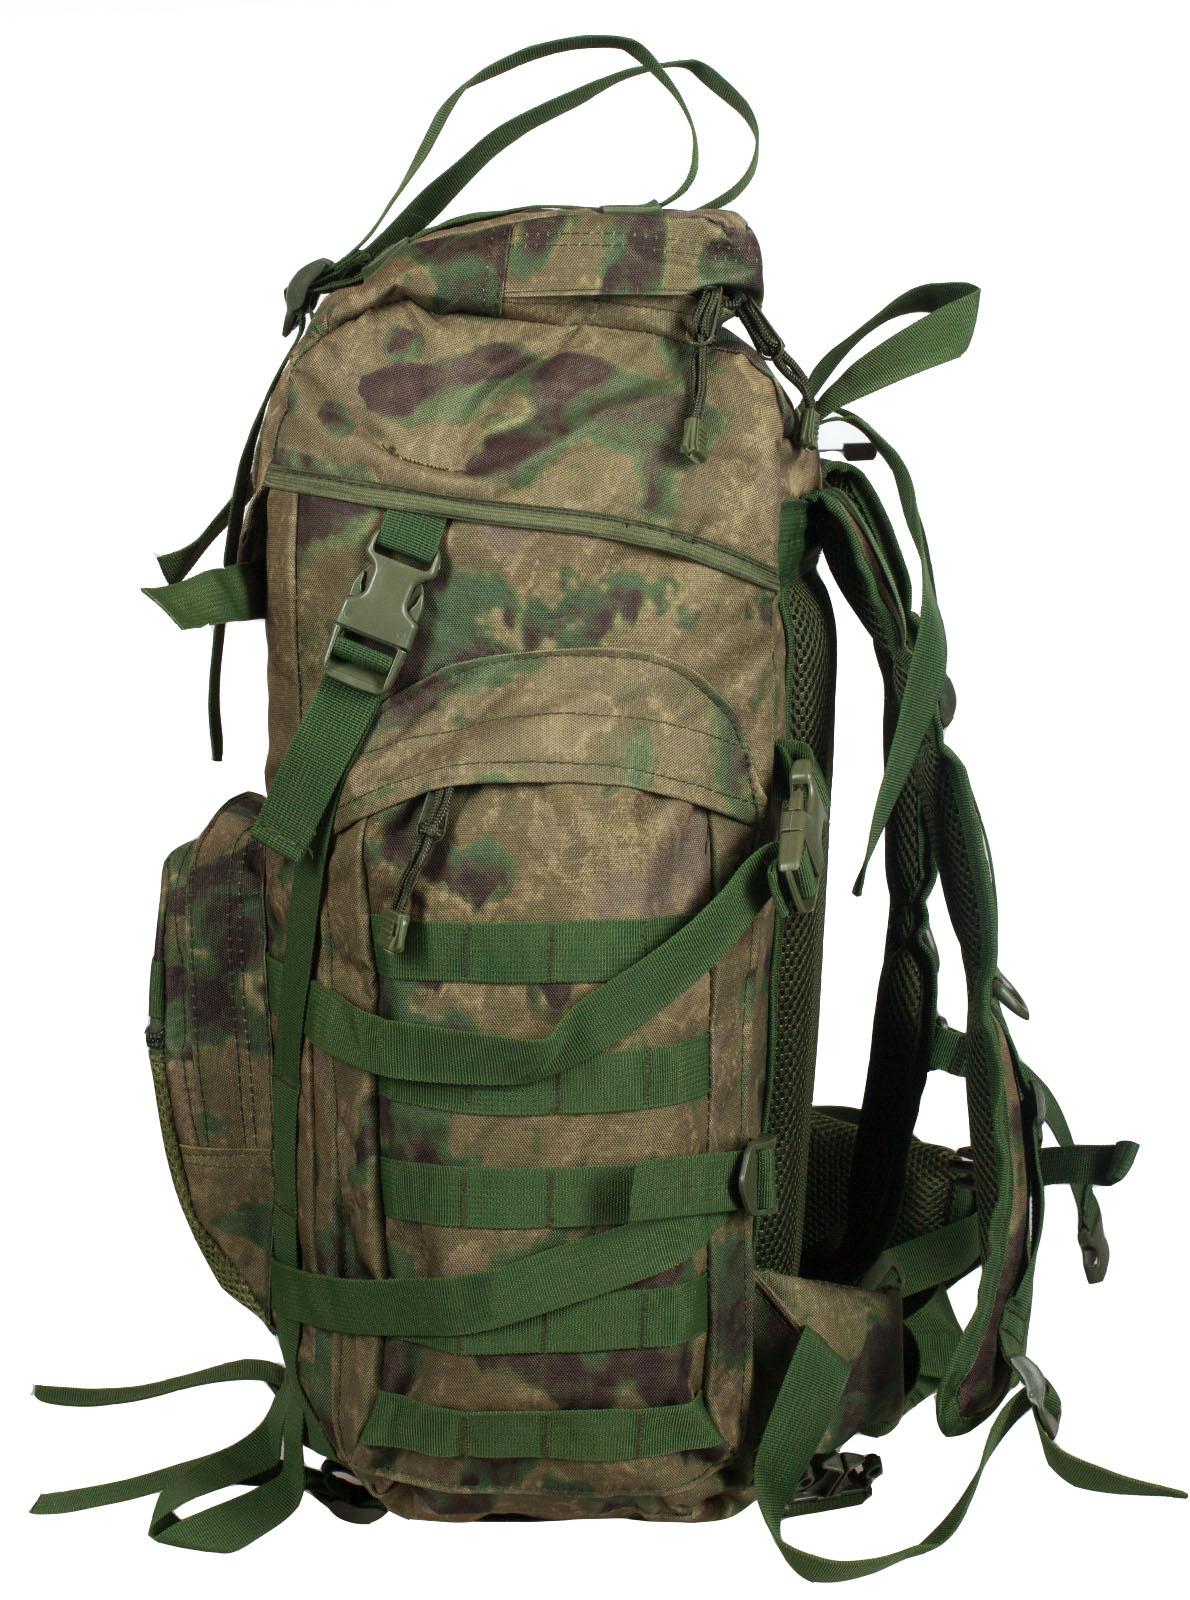 Походный камуфляжный рюкзак с военной нашивкой Пограничной службы - заказать по выгодной цене